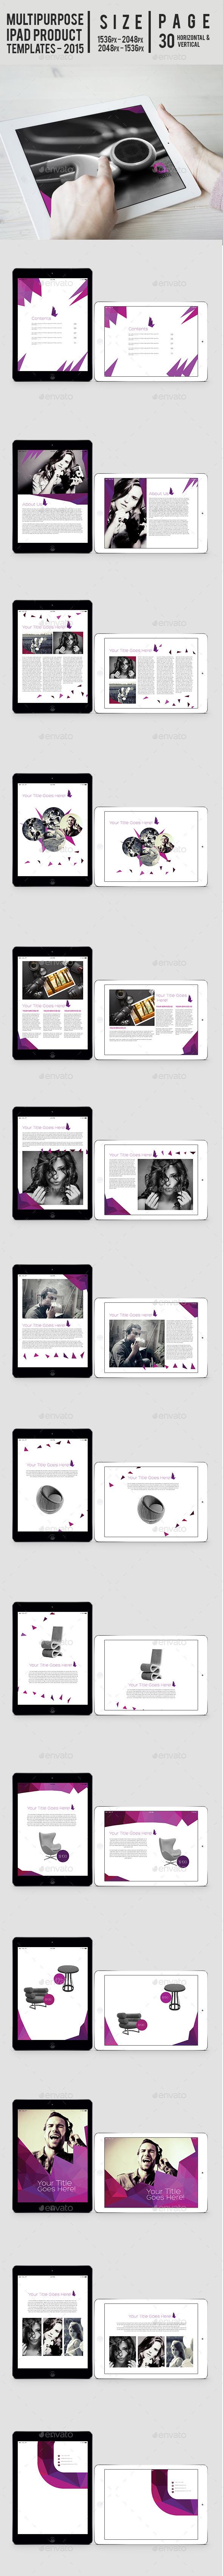 Multipurpose Ipad Product Templates - Digital Magazines ePublishing